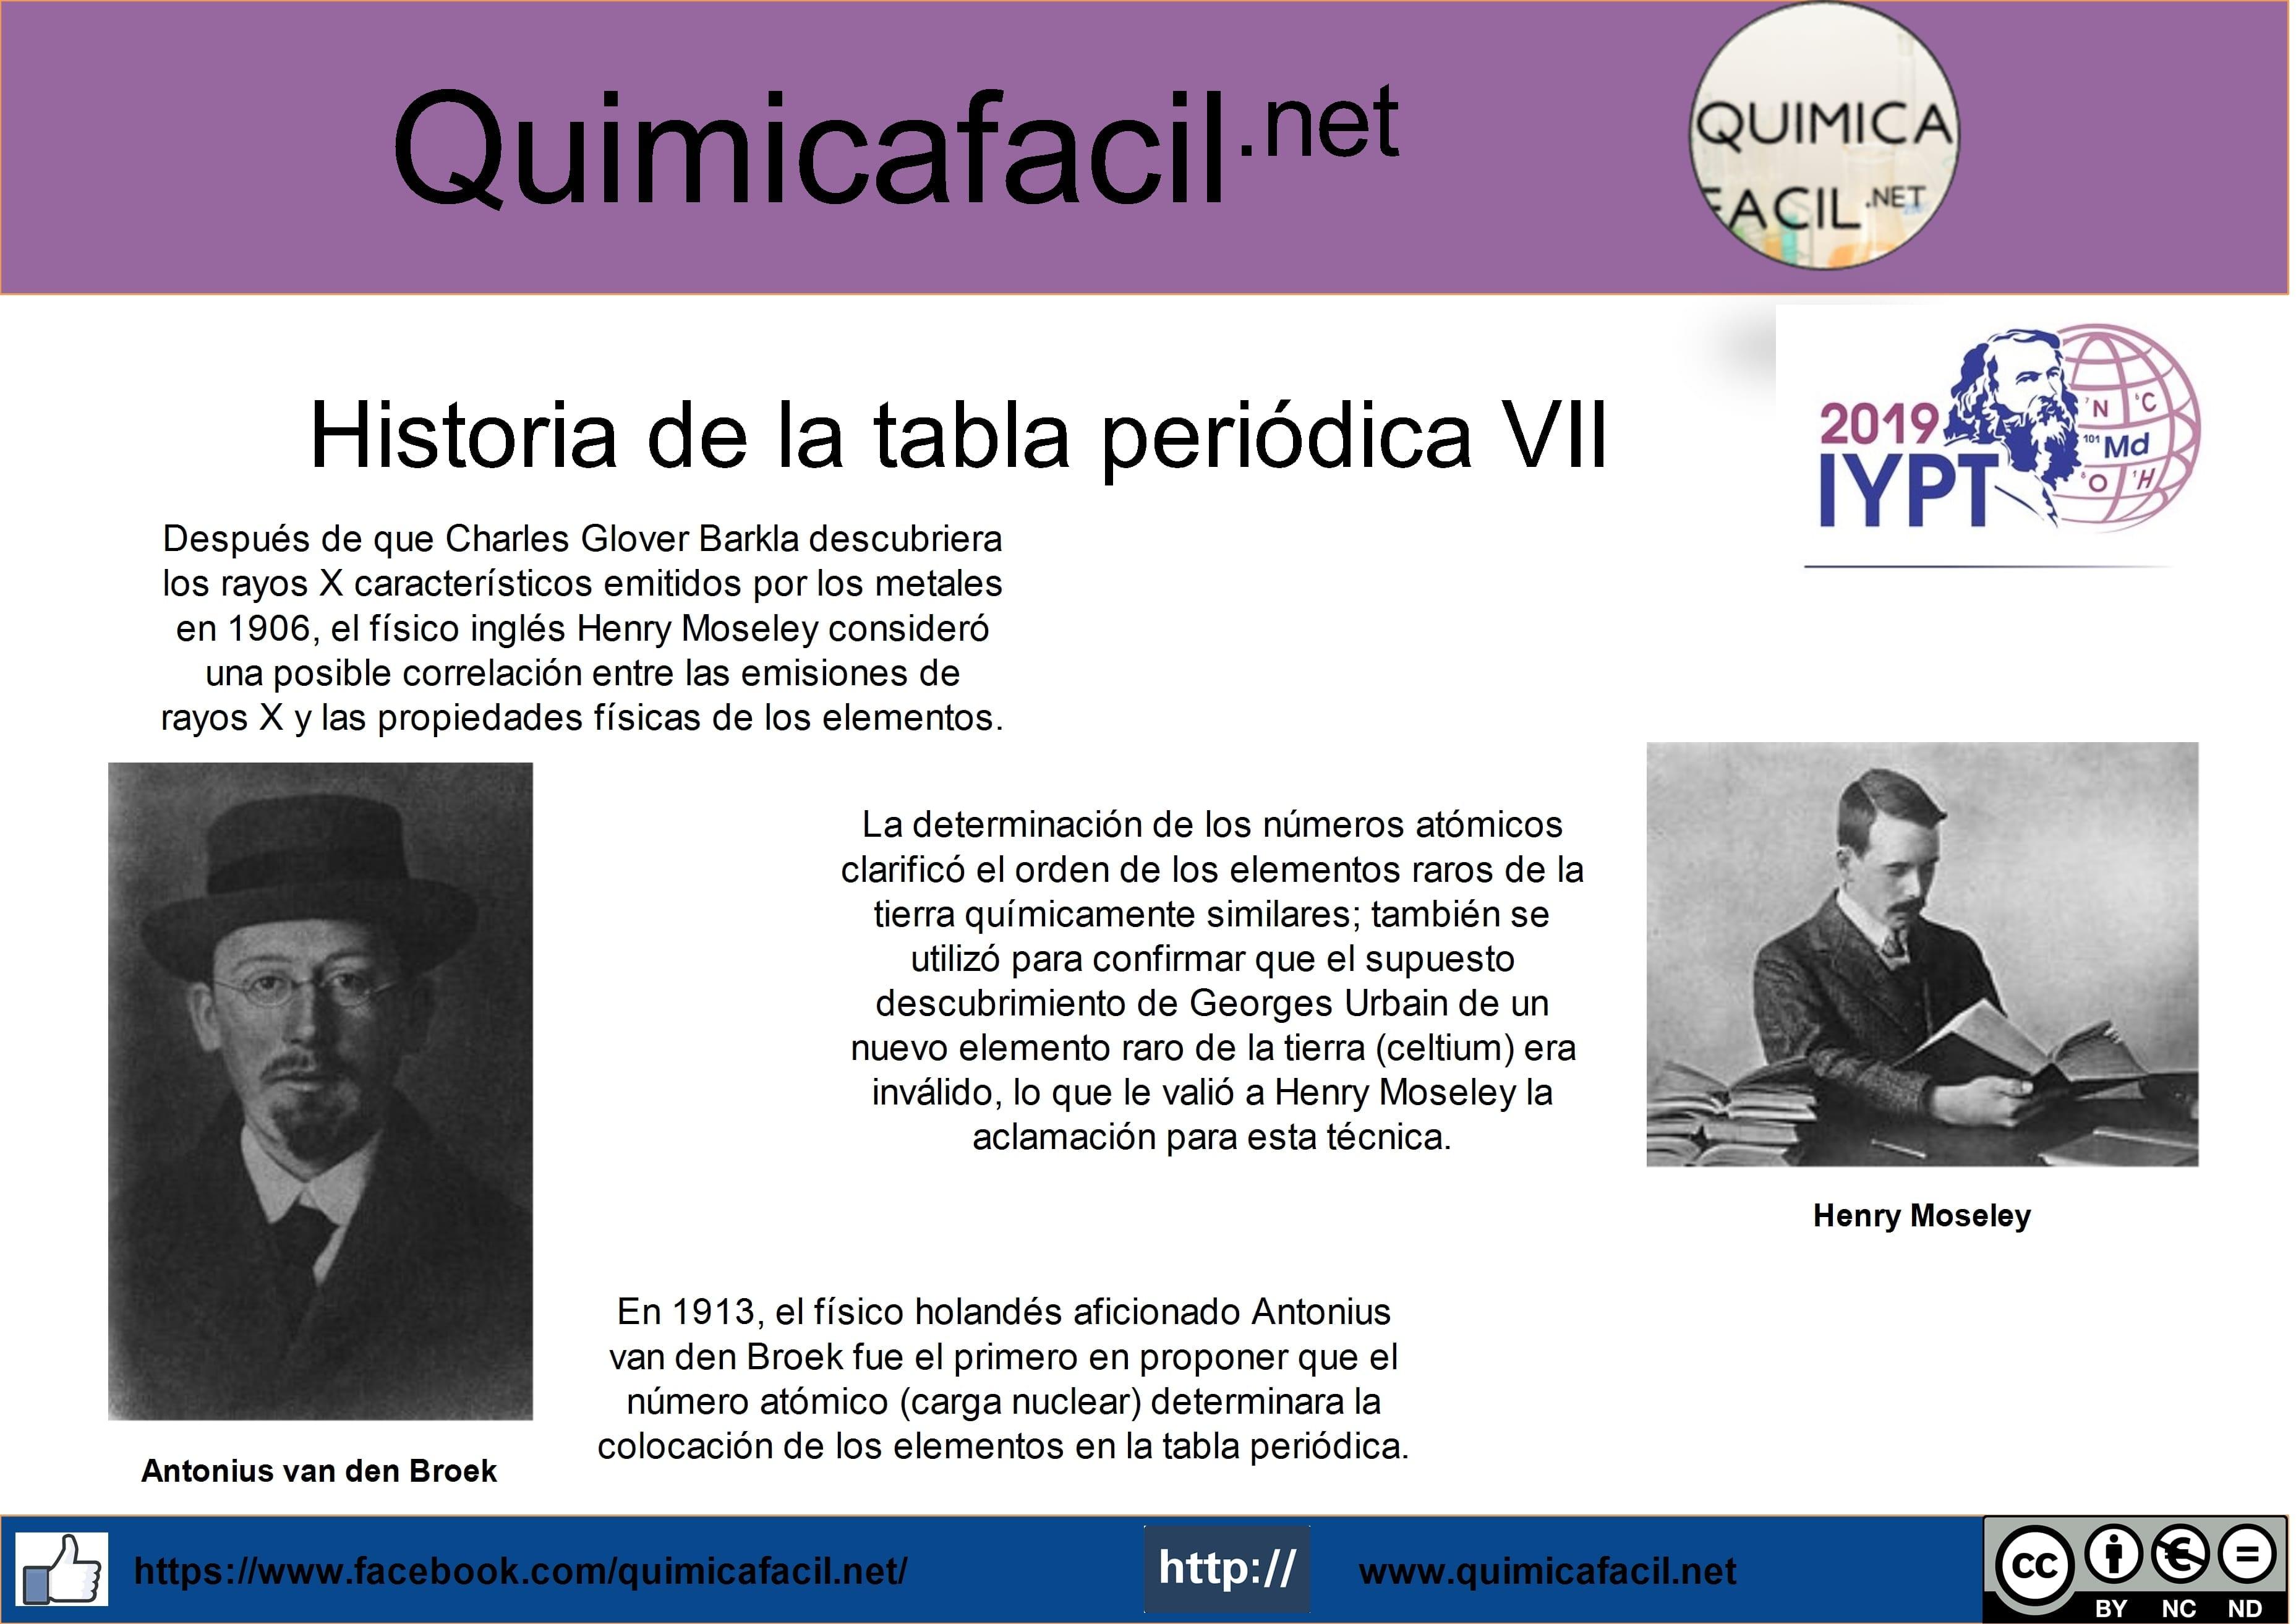 Historia de la tabla periódica VII